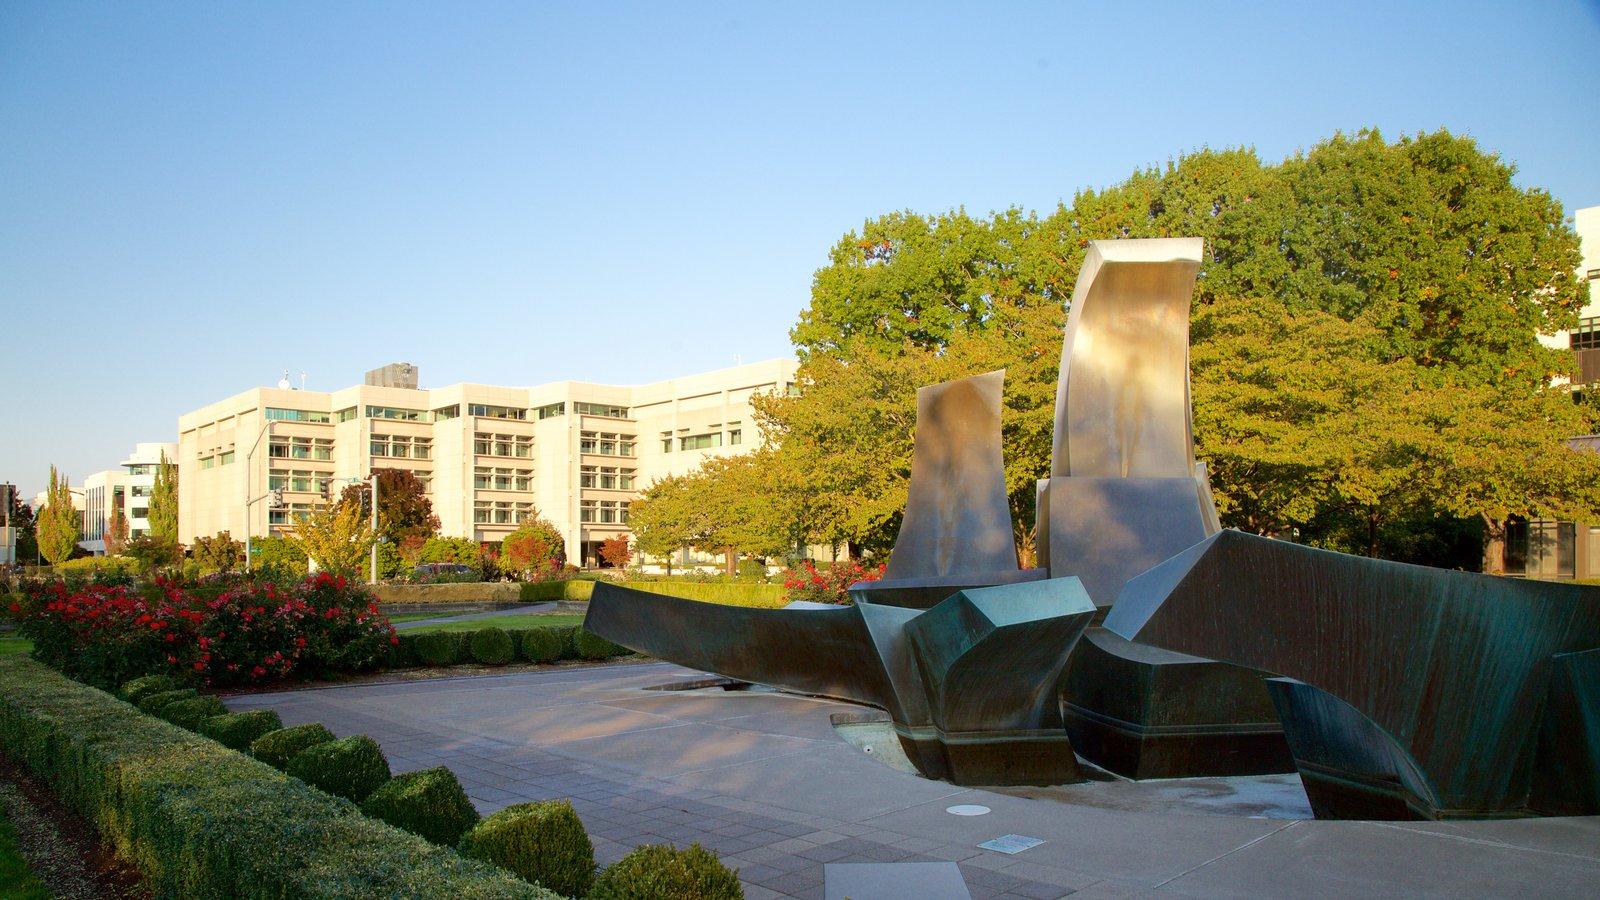 Oregon State Capitol que incluye un jardín y arte al aire libre